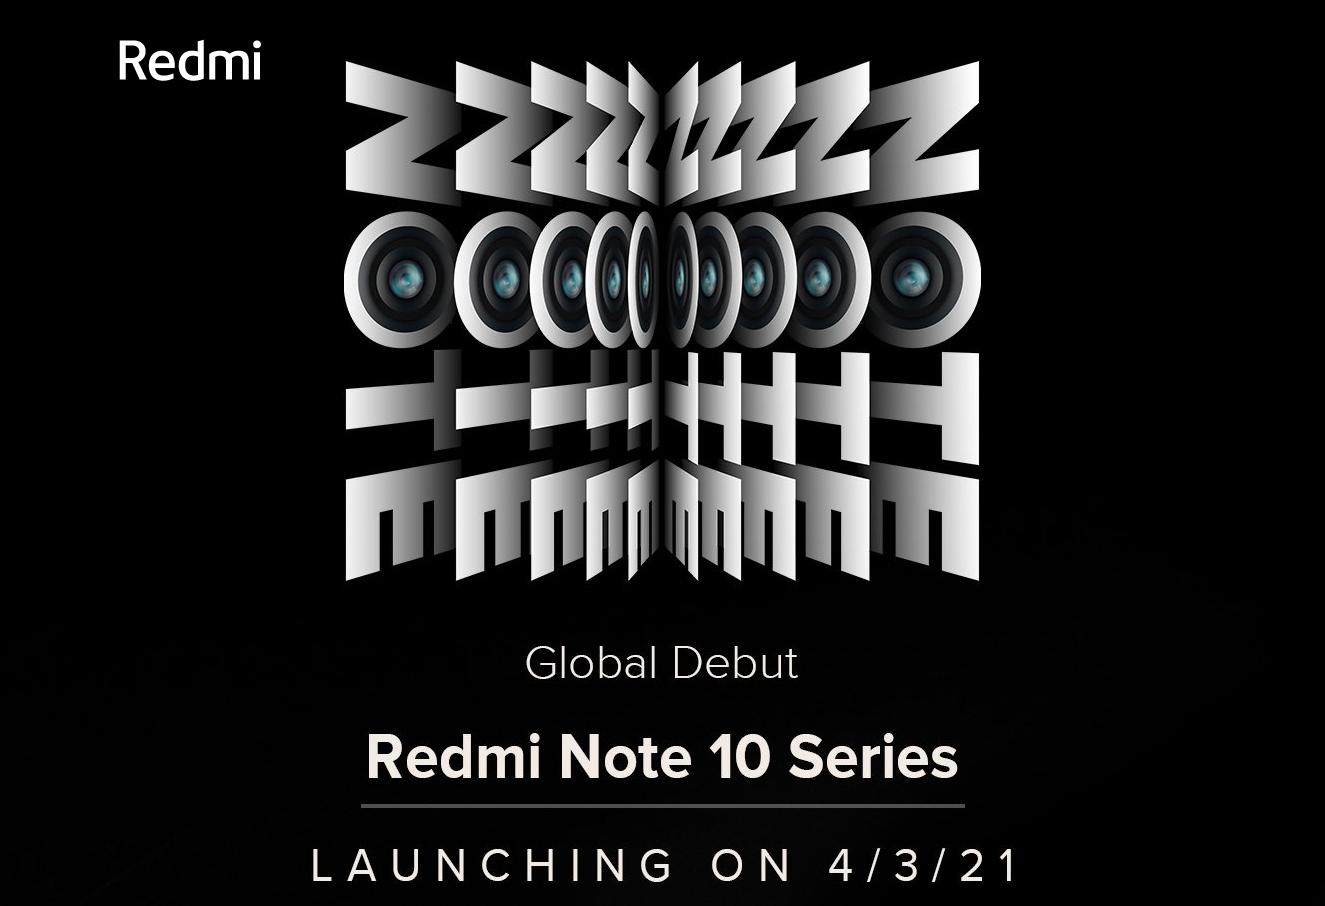 Xiaomi тизерит особенности Redmi Note 10: чип Qualcomm, новый дизайн, быстрая зарядка, защита IP53 и динамики c Hi-Res Audio